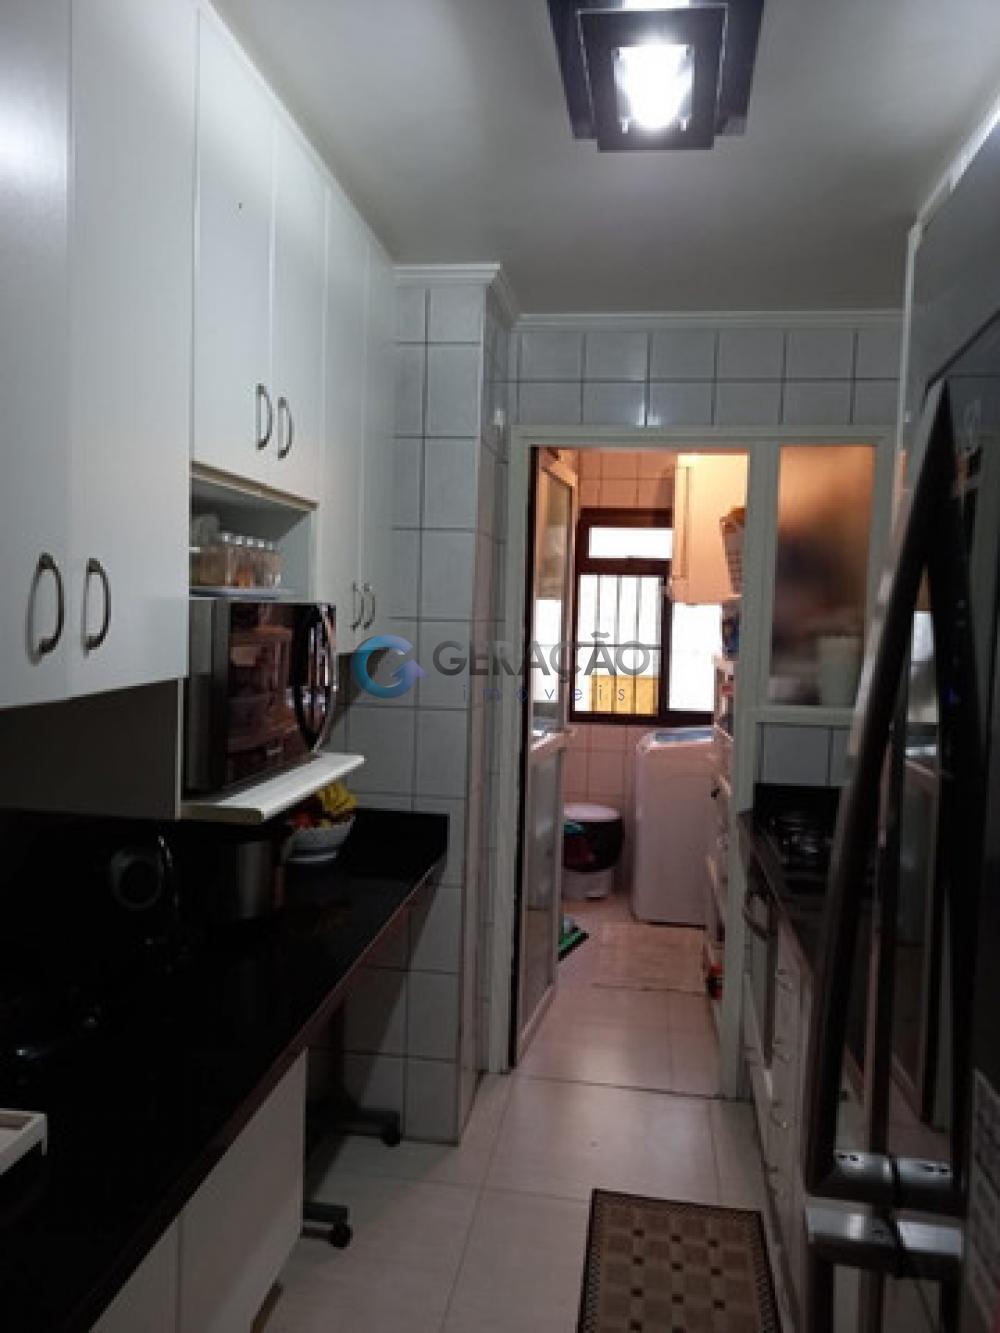 Comprar Apartamento / Padrão em São José dos Campos apenas R$ 445.000,00 - Foto 5